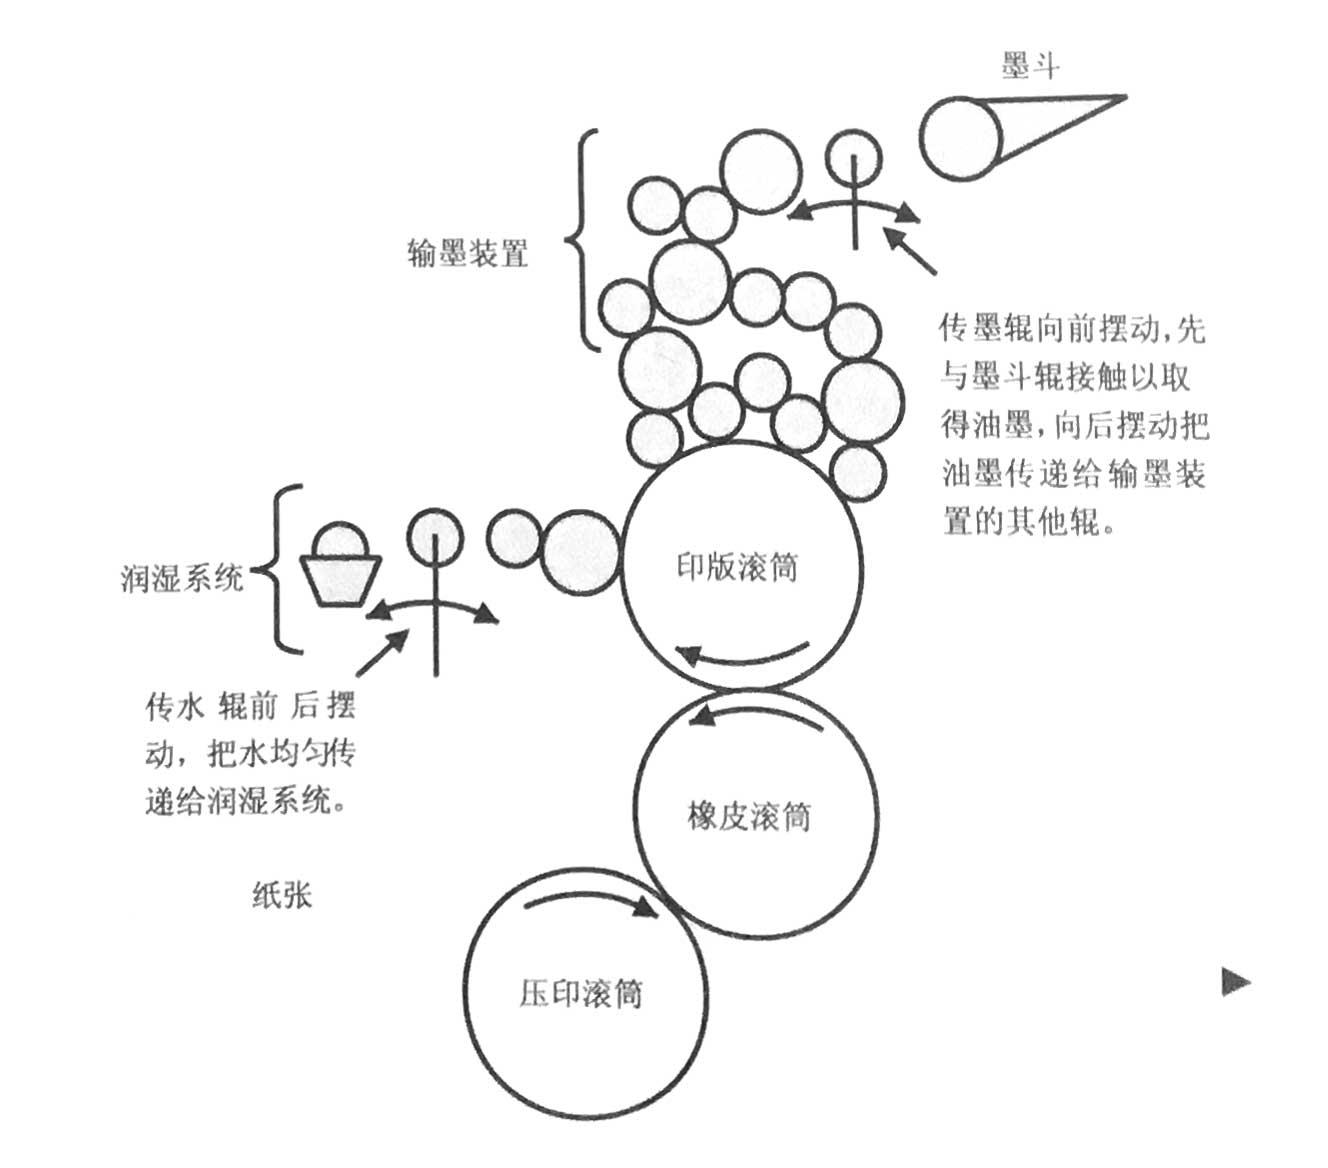 印刷单元的工作原理如图。